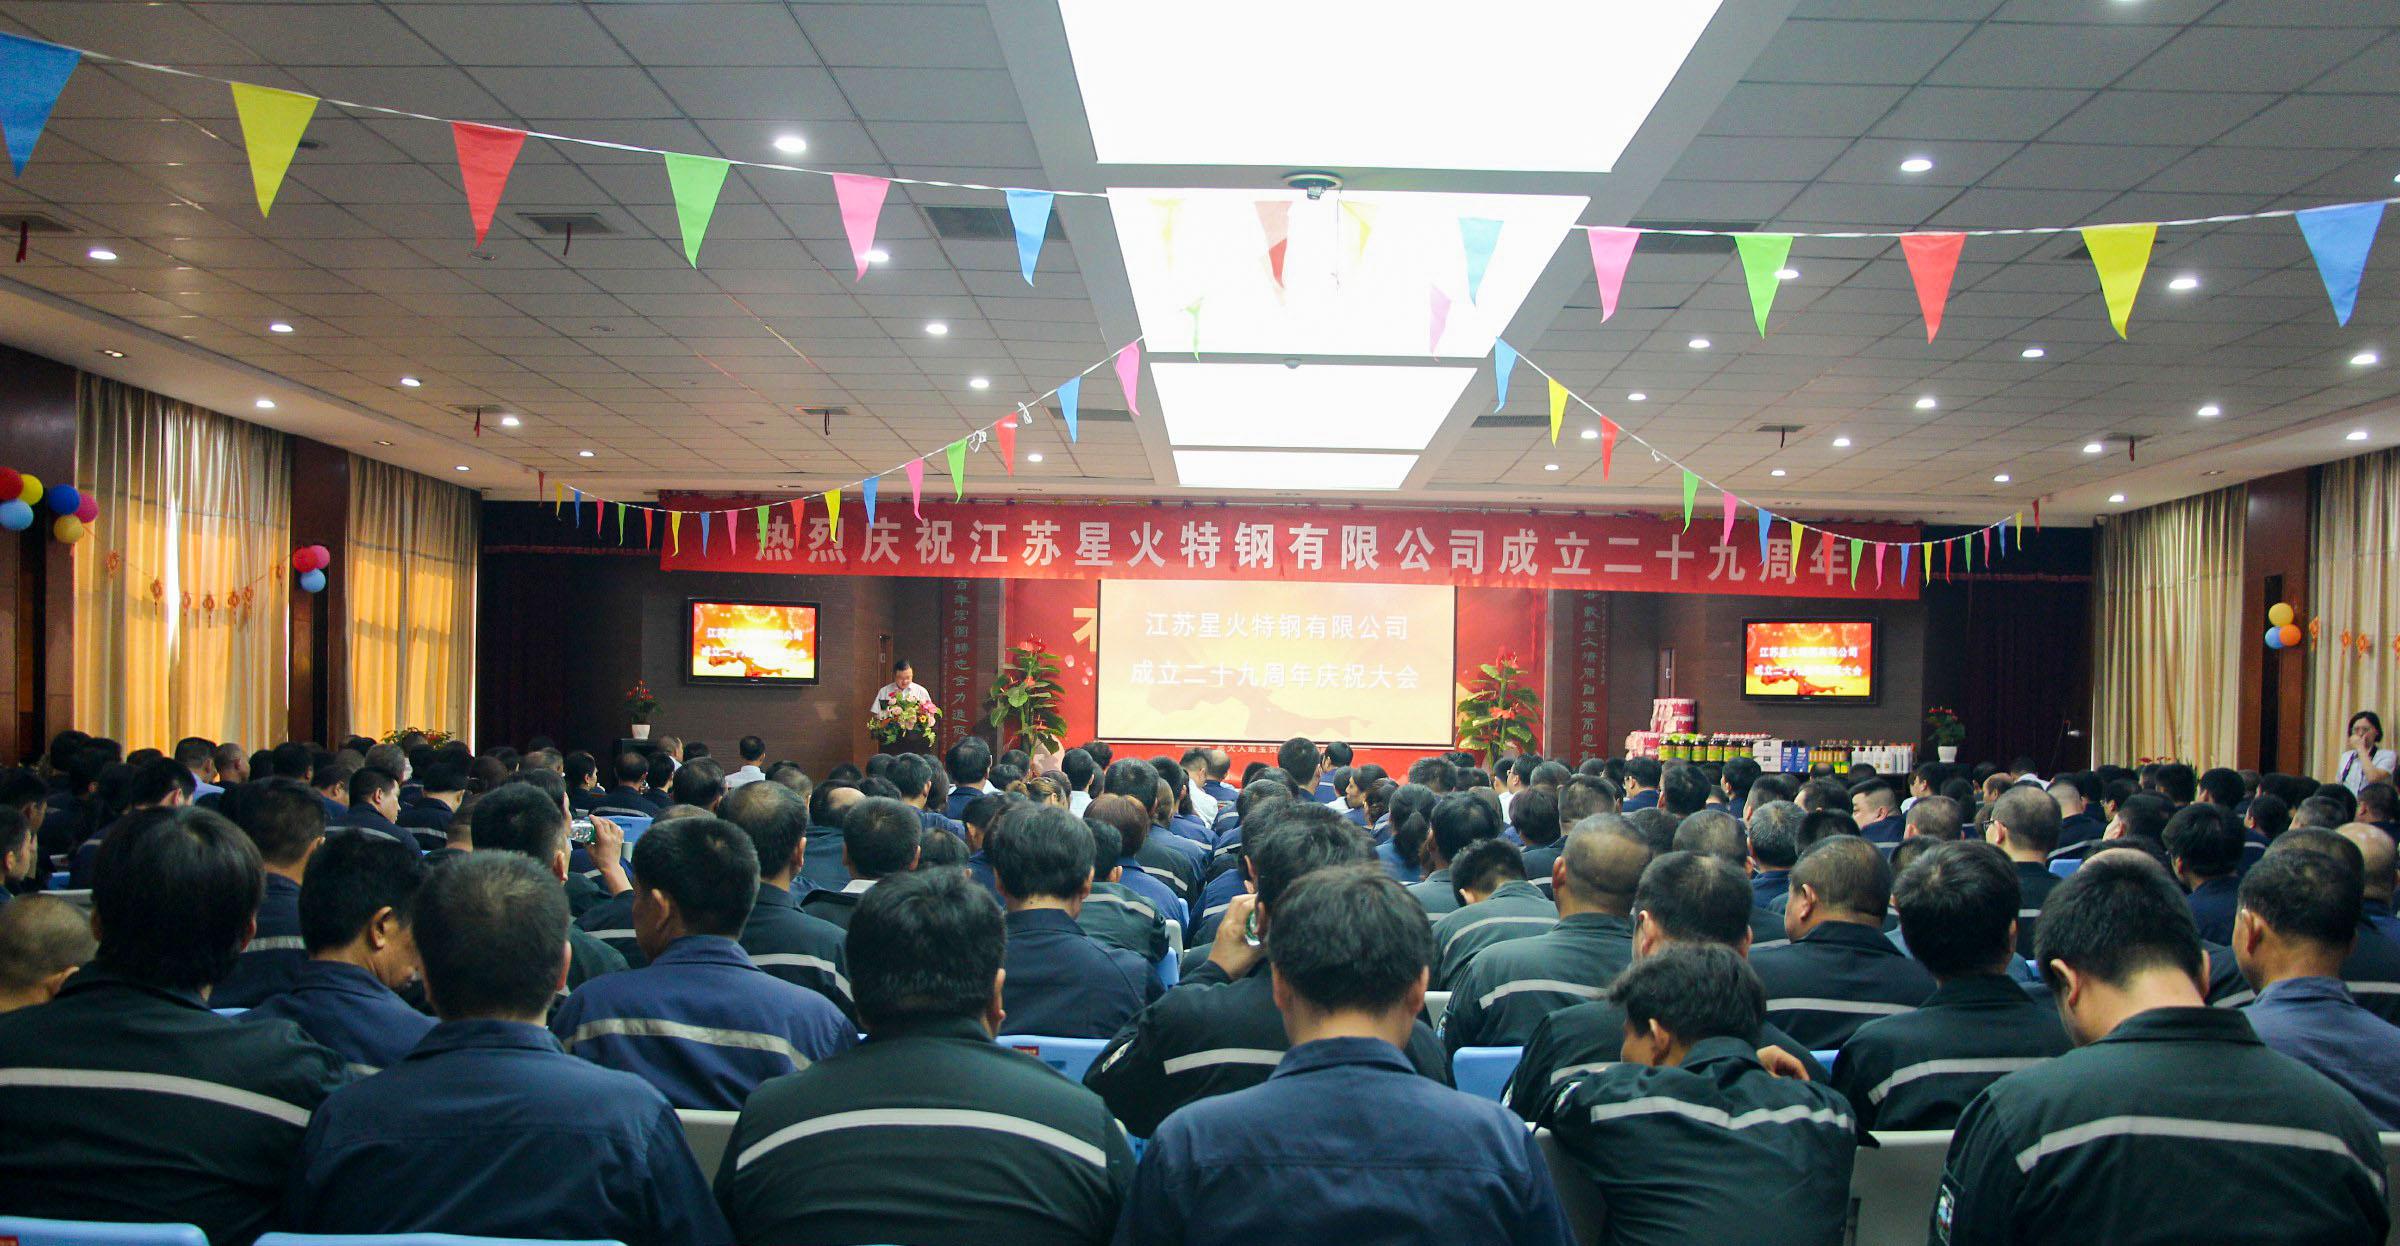 江蘇星火二十九周年慶典圓滿落幕